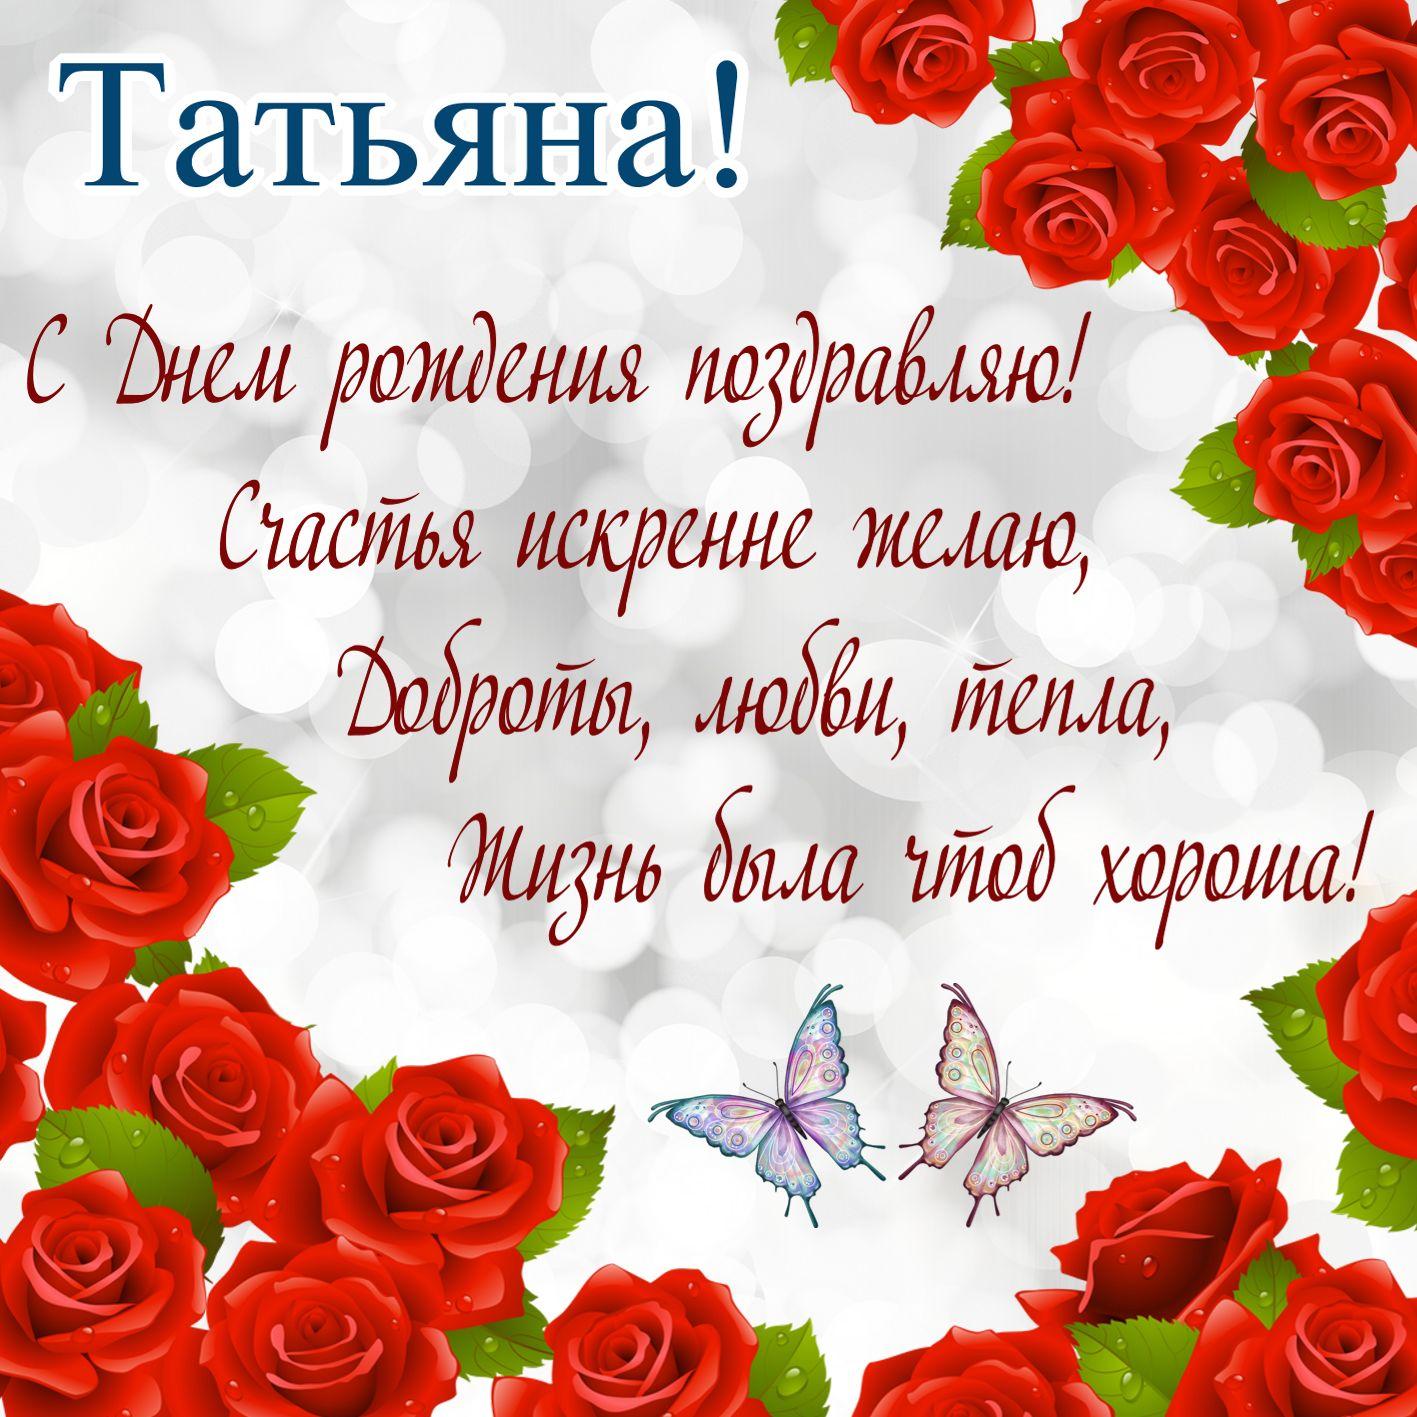 Поздравление Татьяне на фоне красных роз